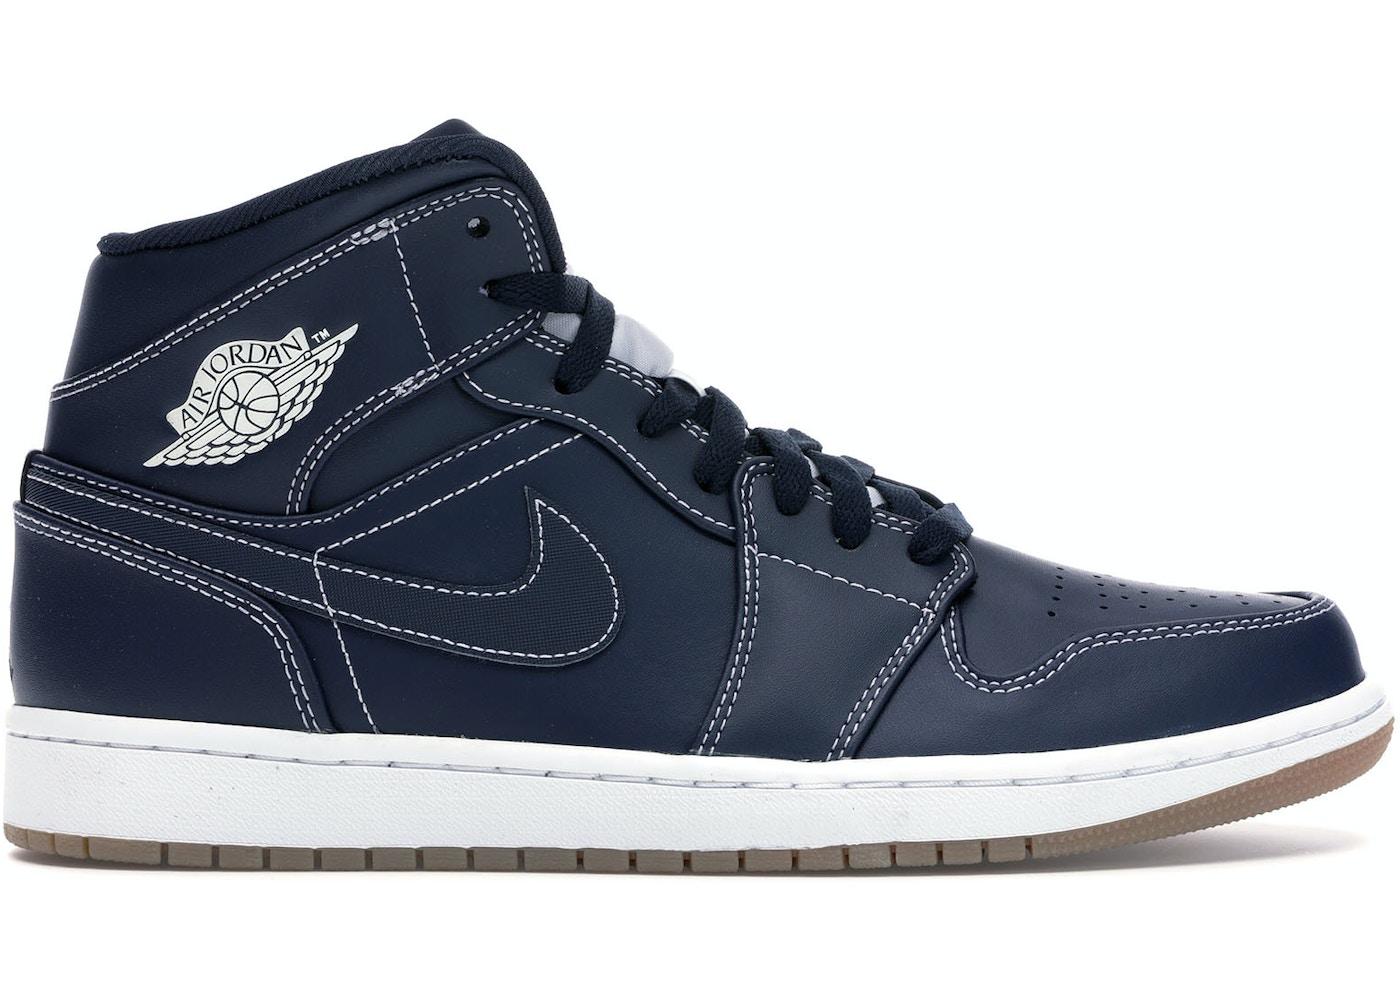 separation shoes 41615 6c3a6 Jordan 1 Retro Mid Derek Jeter RE2PECT